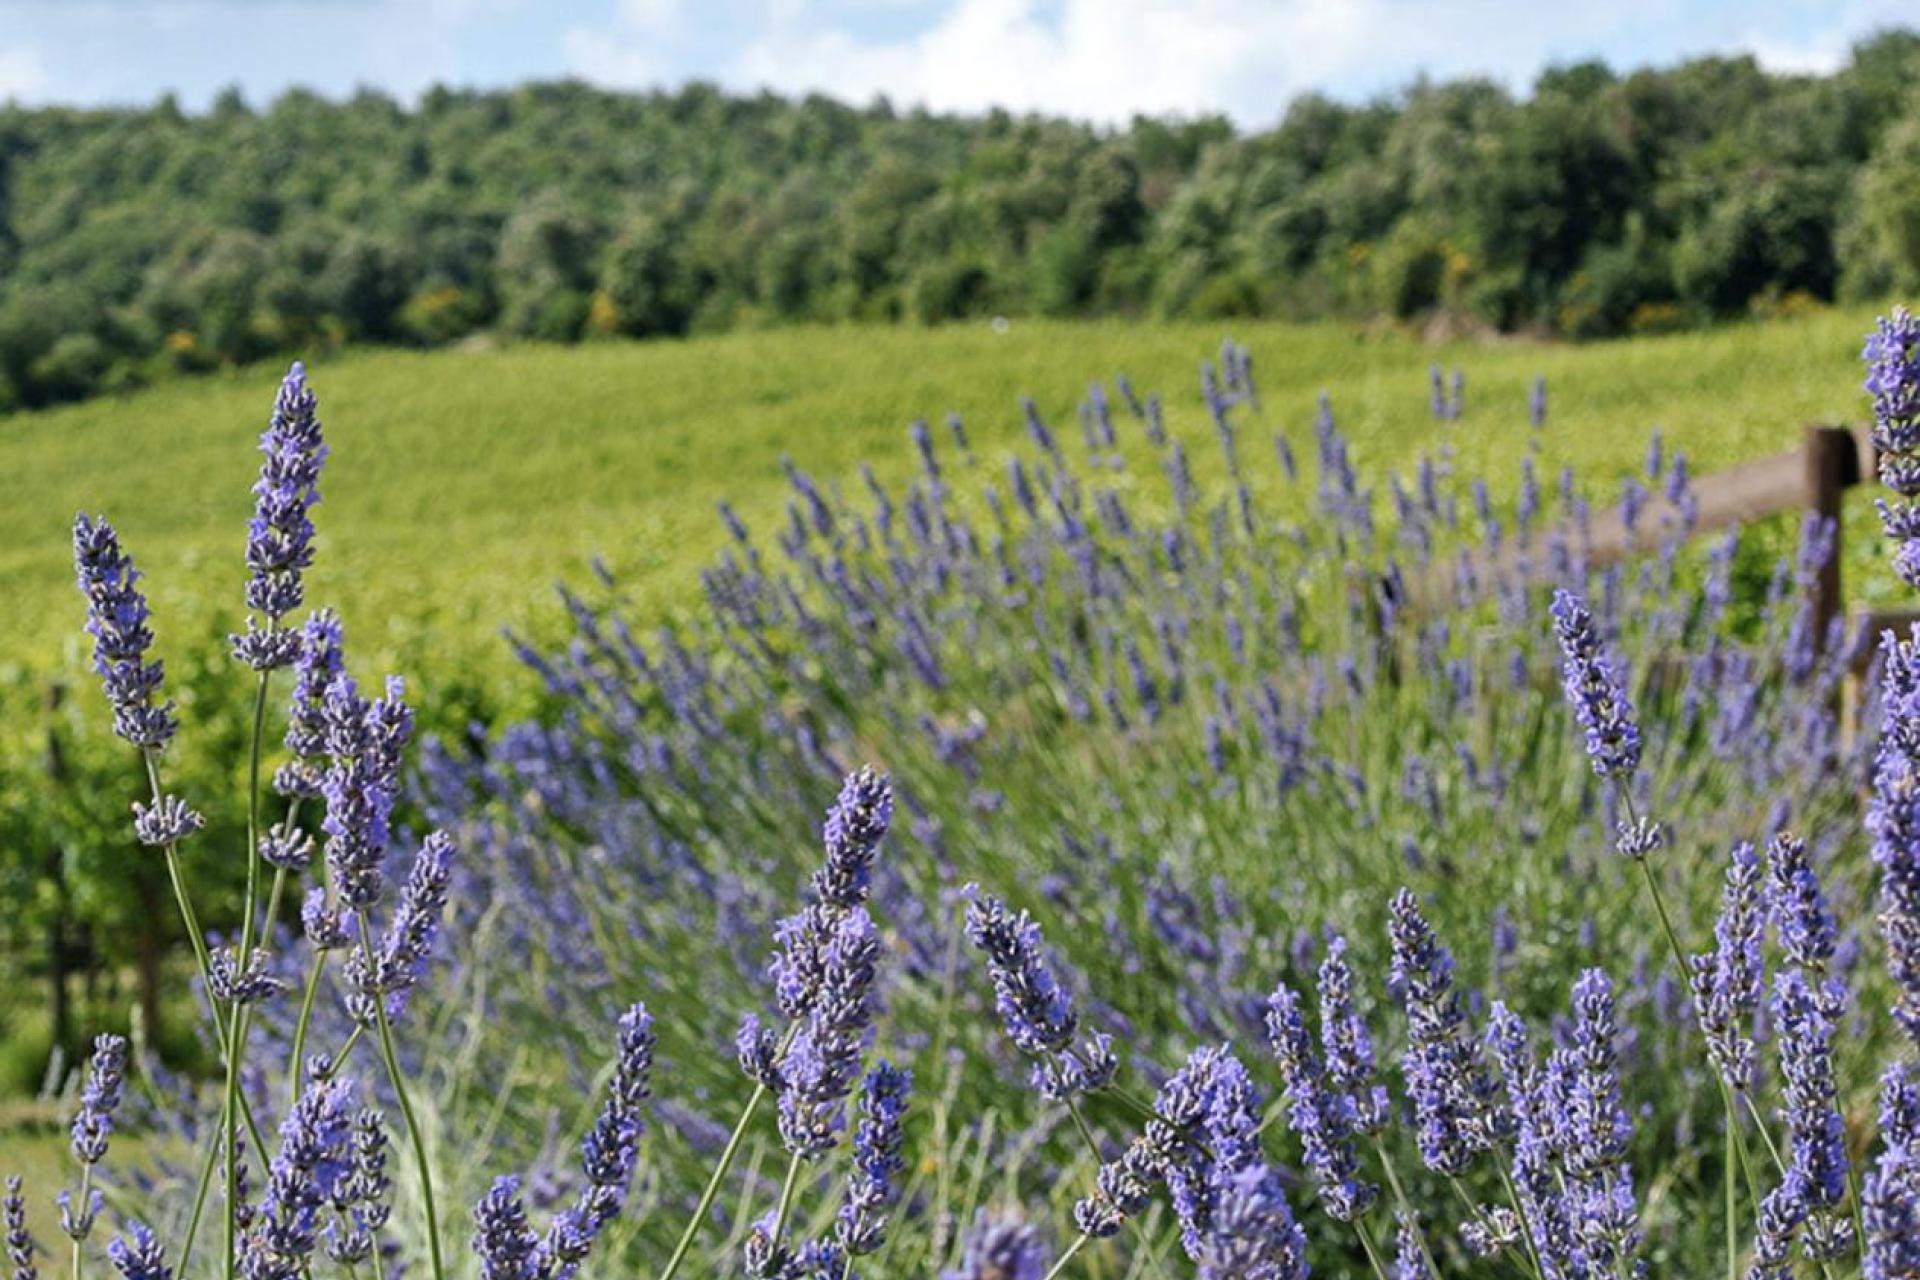 Agriturismo Toscana Agriturismo tra i vigneti a sud di Siena